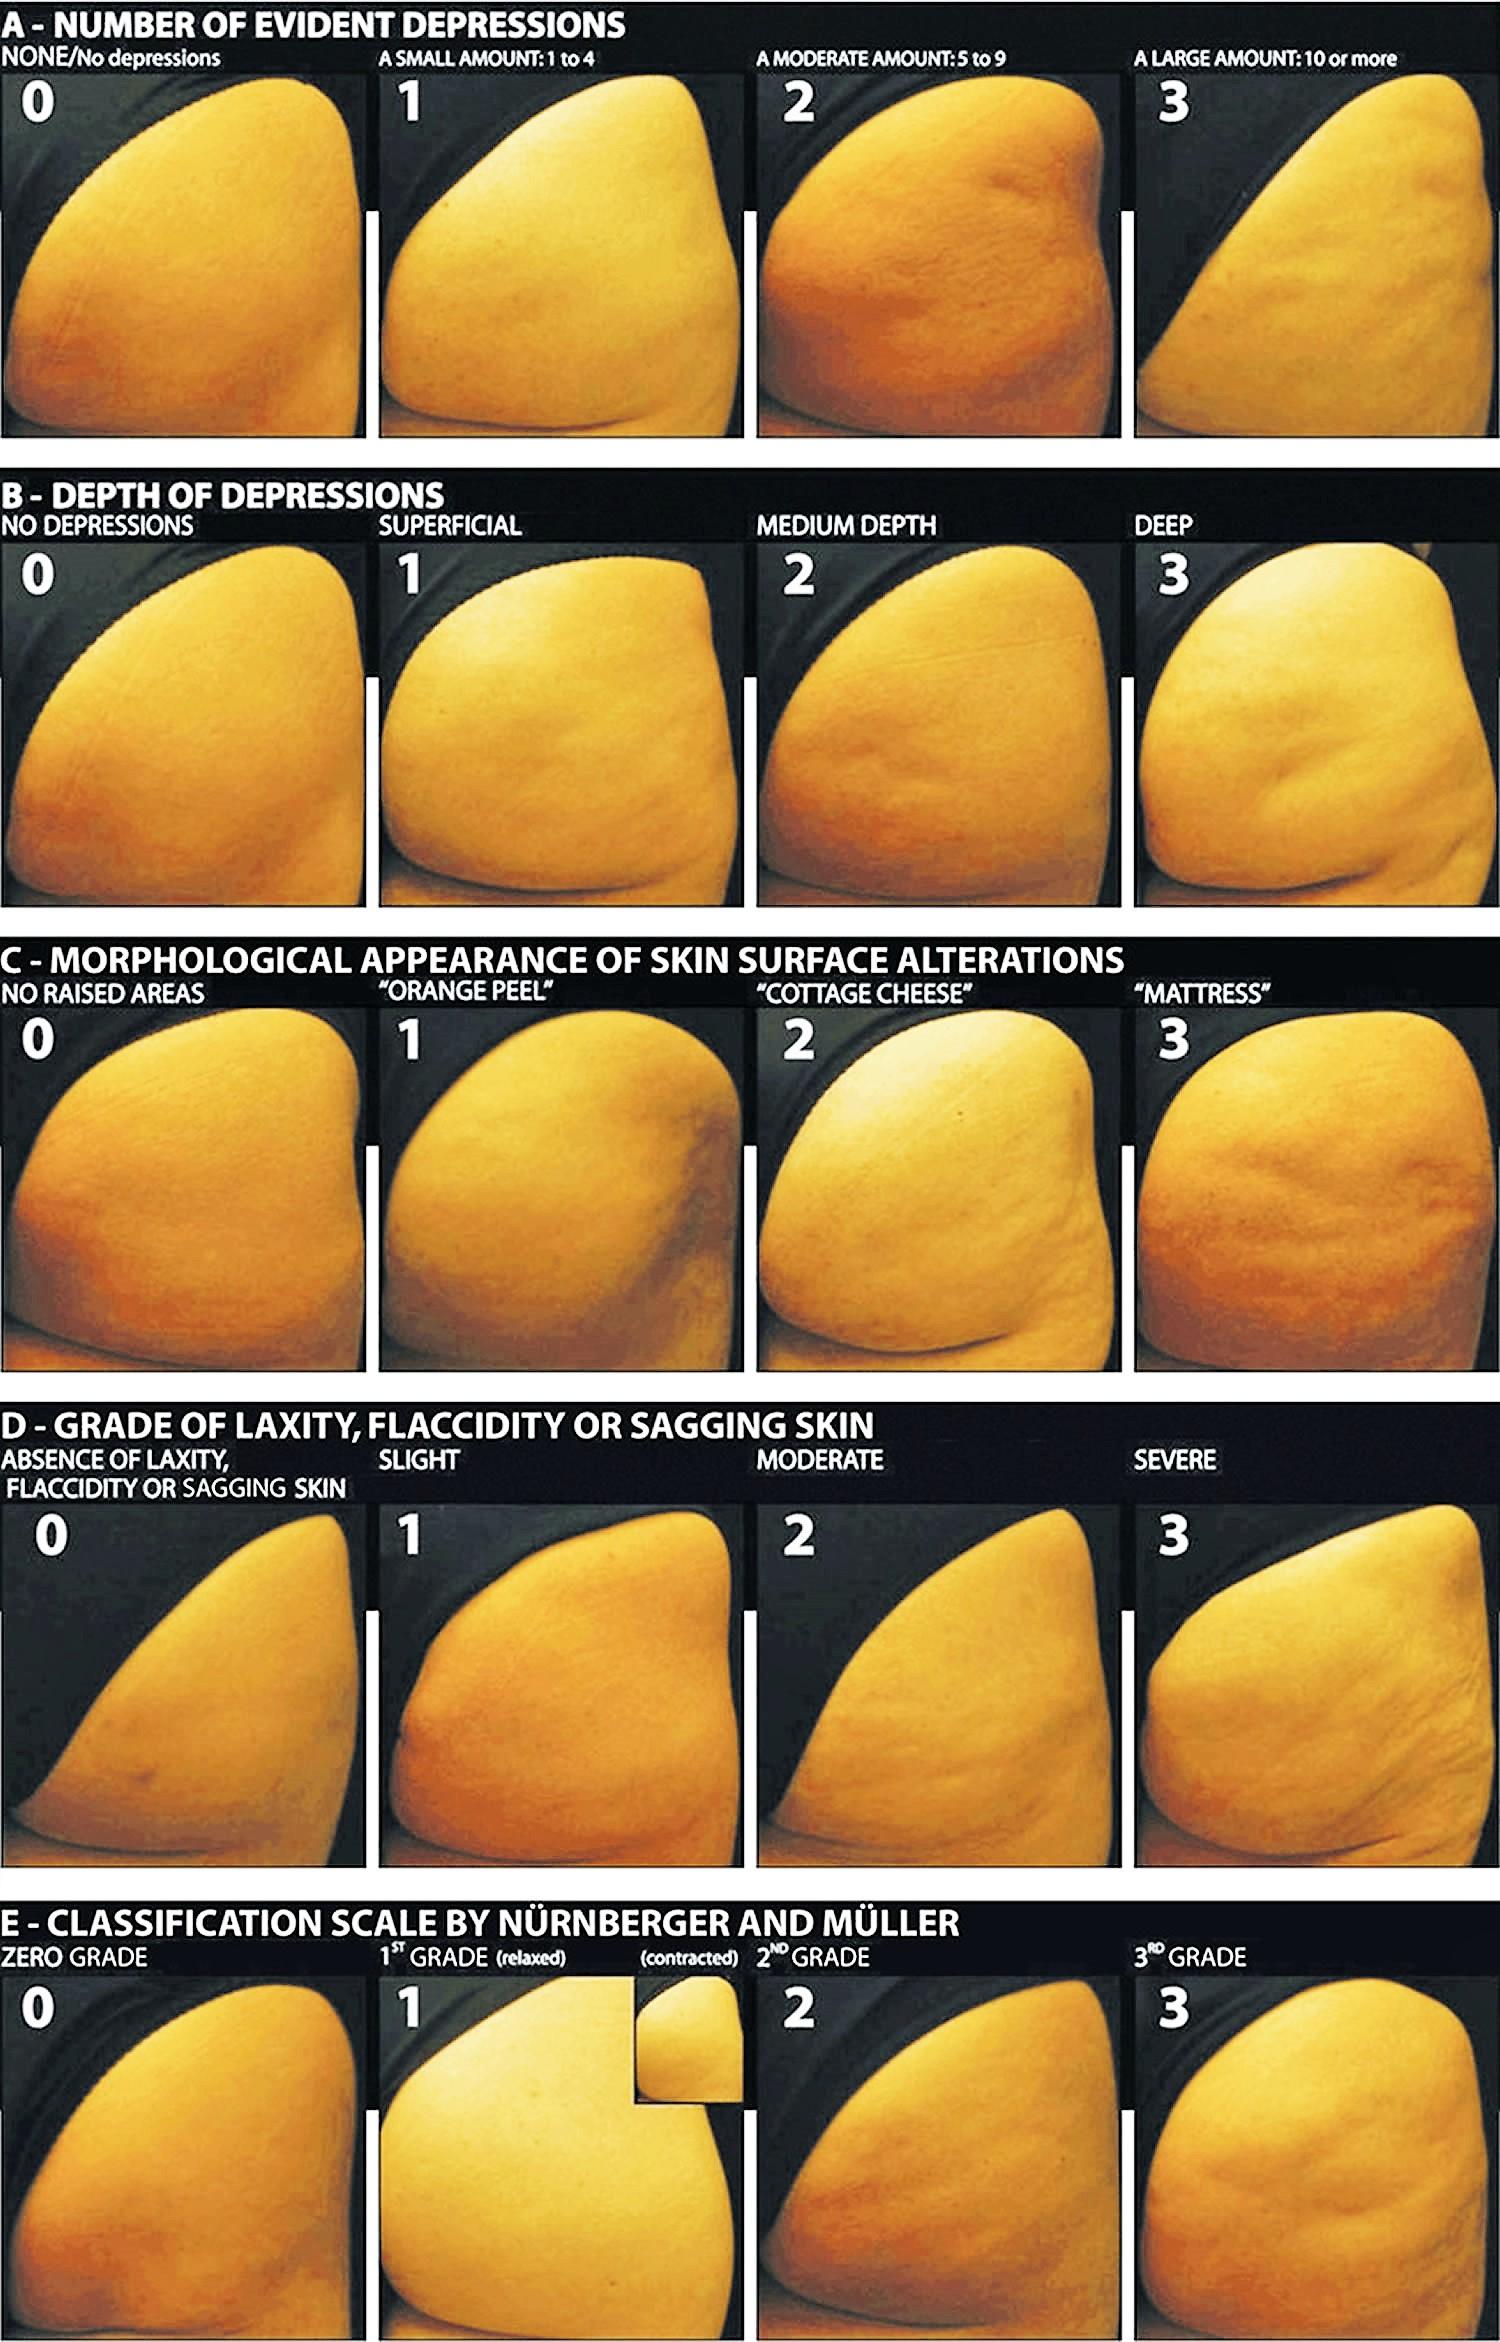 Doris Maria Hexsel's photonumeric scale of cellulite